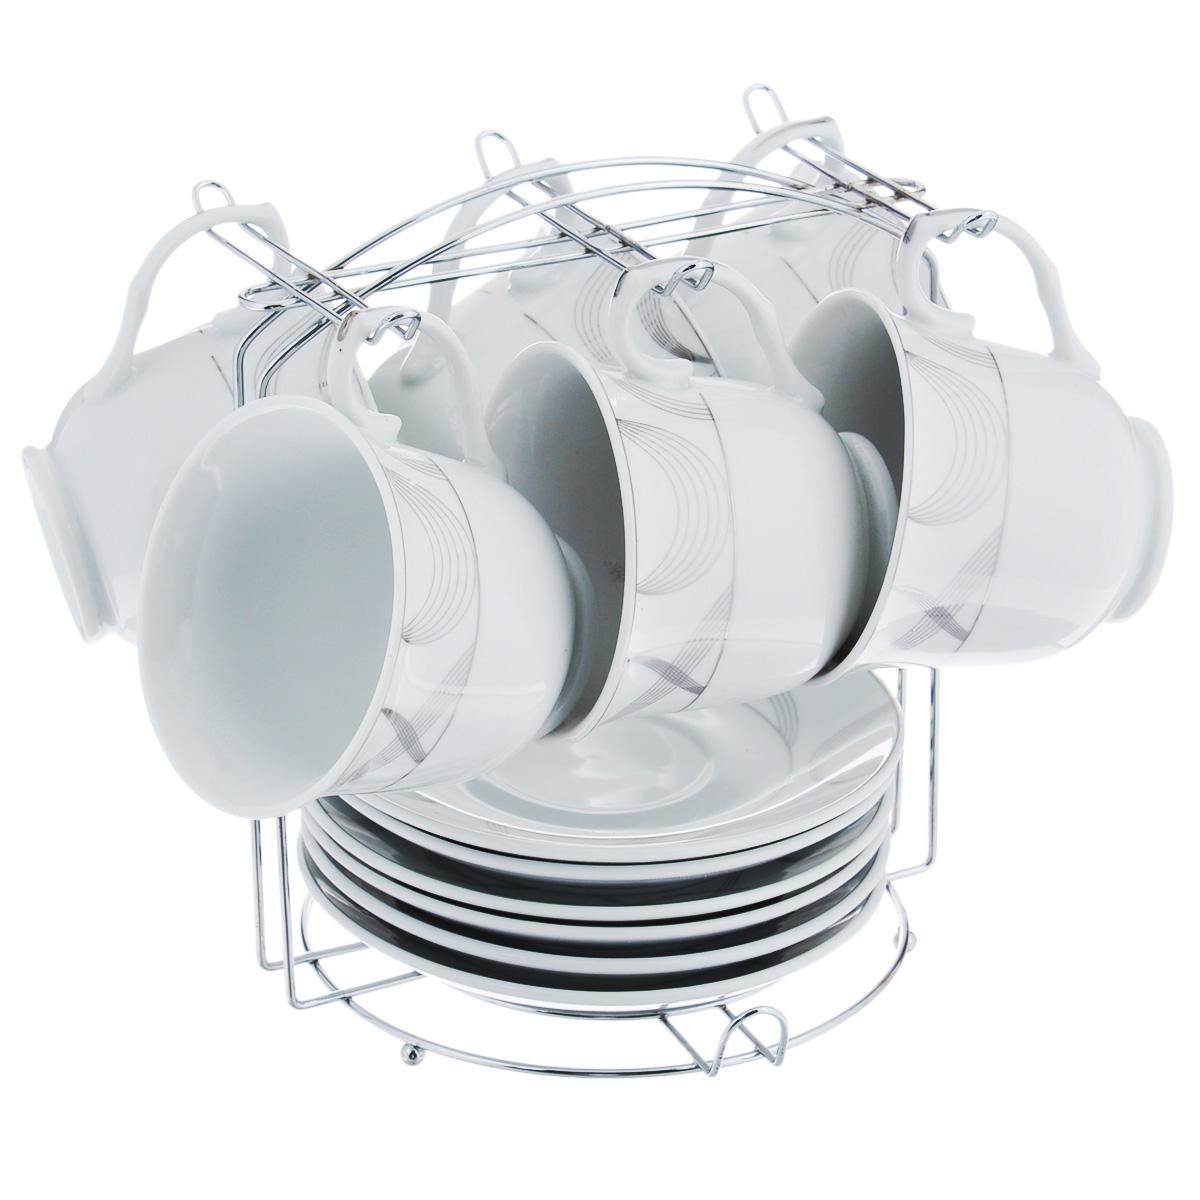 """Чайный набор """"Bekker"""" состоит из 6 чашек, 6 блюдец и металлической подставки. Изделия выполнены из высококачественного фарфора белого цвета, украшенного изящными узорами серебристой эмалью. Для предметов набора предусмотрена специальная металлическая подставка с крючками для чашек и подставкой для блюдец.  Изящный чайный набор прекрасно оформит стол к чаепитию и станет замечательным подарком для любой хозяйки.   Можно мыть в посудомоечной машине.    Объем чашки: 220 мл.  Диаметр чашки (по верхнему краю): 9 см.  Высота чашки: 7,5 см.  Диаметр блюдца: 14 см."""